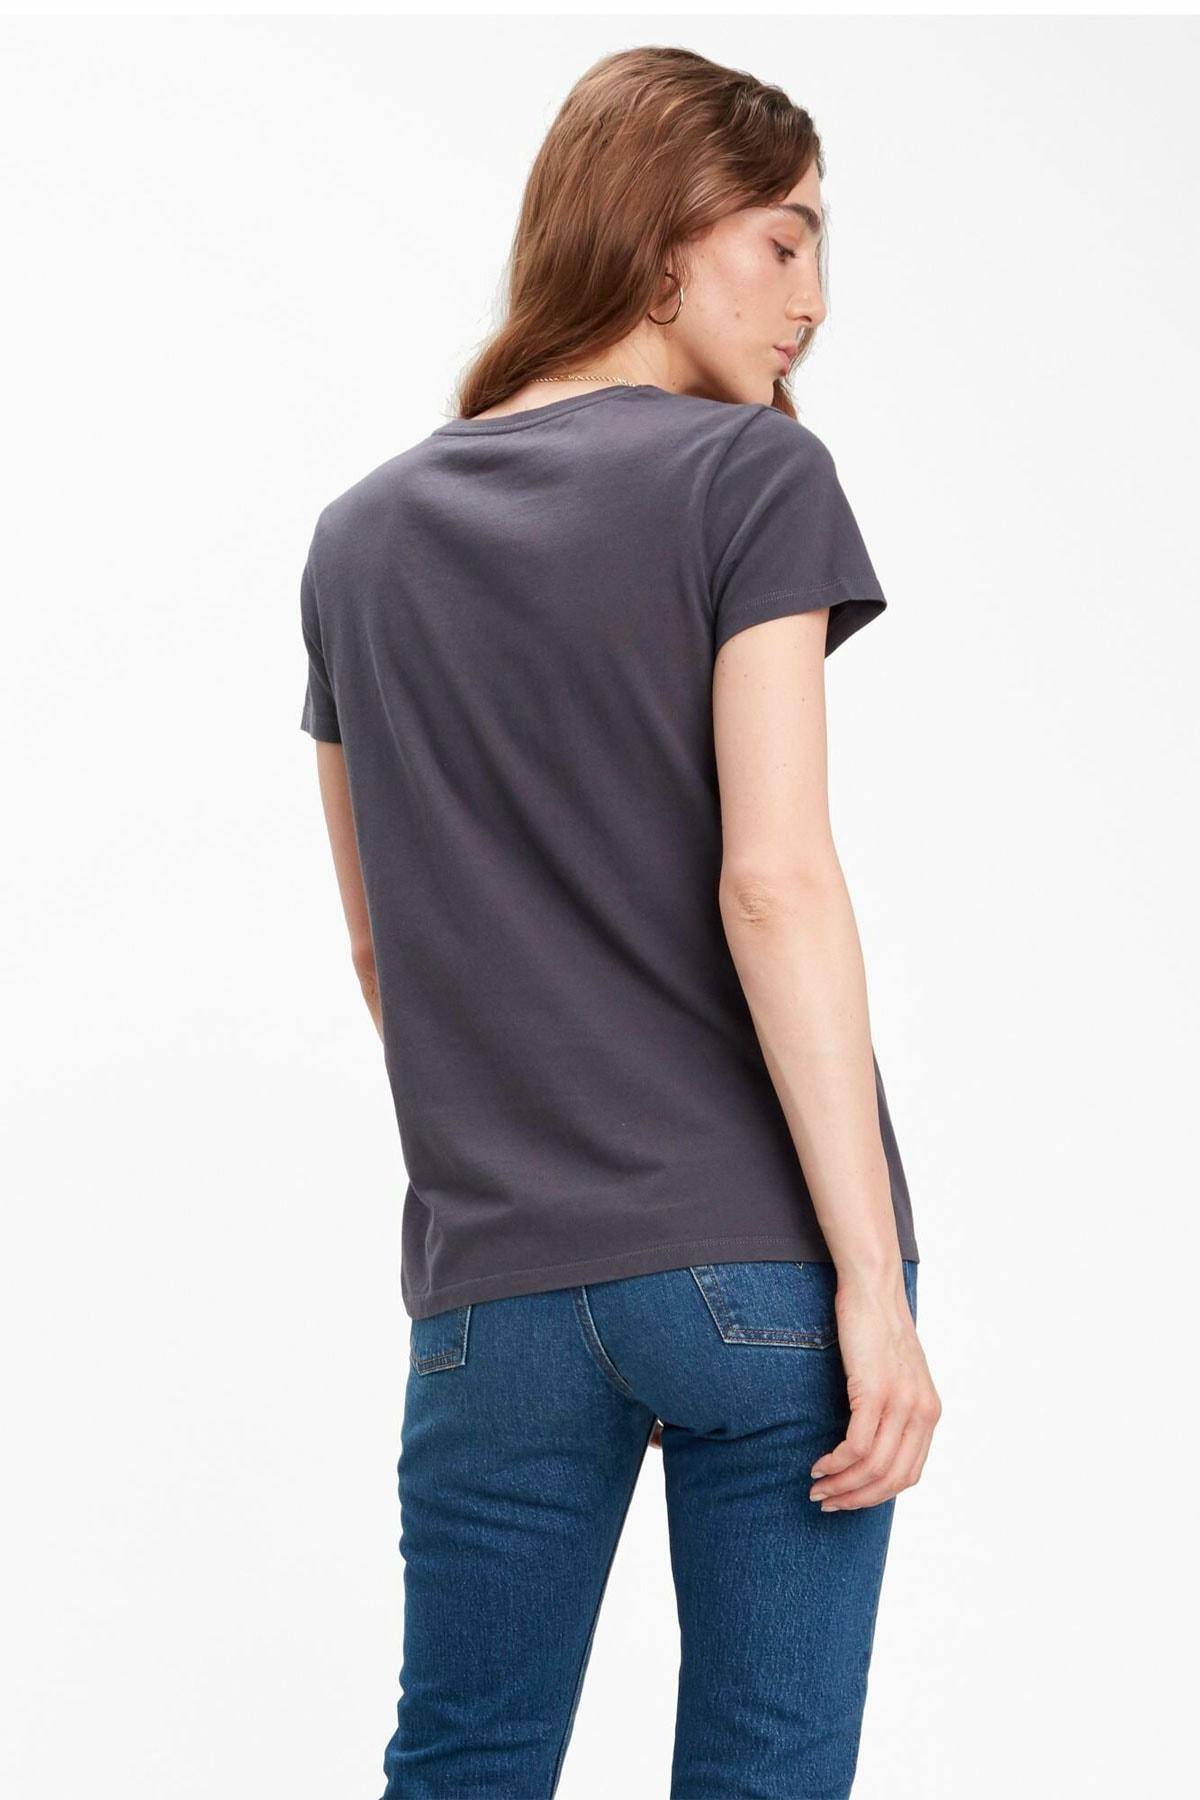 Levi's Kadın Siyah Pamuklu T-Shirt 2